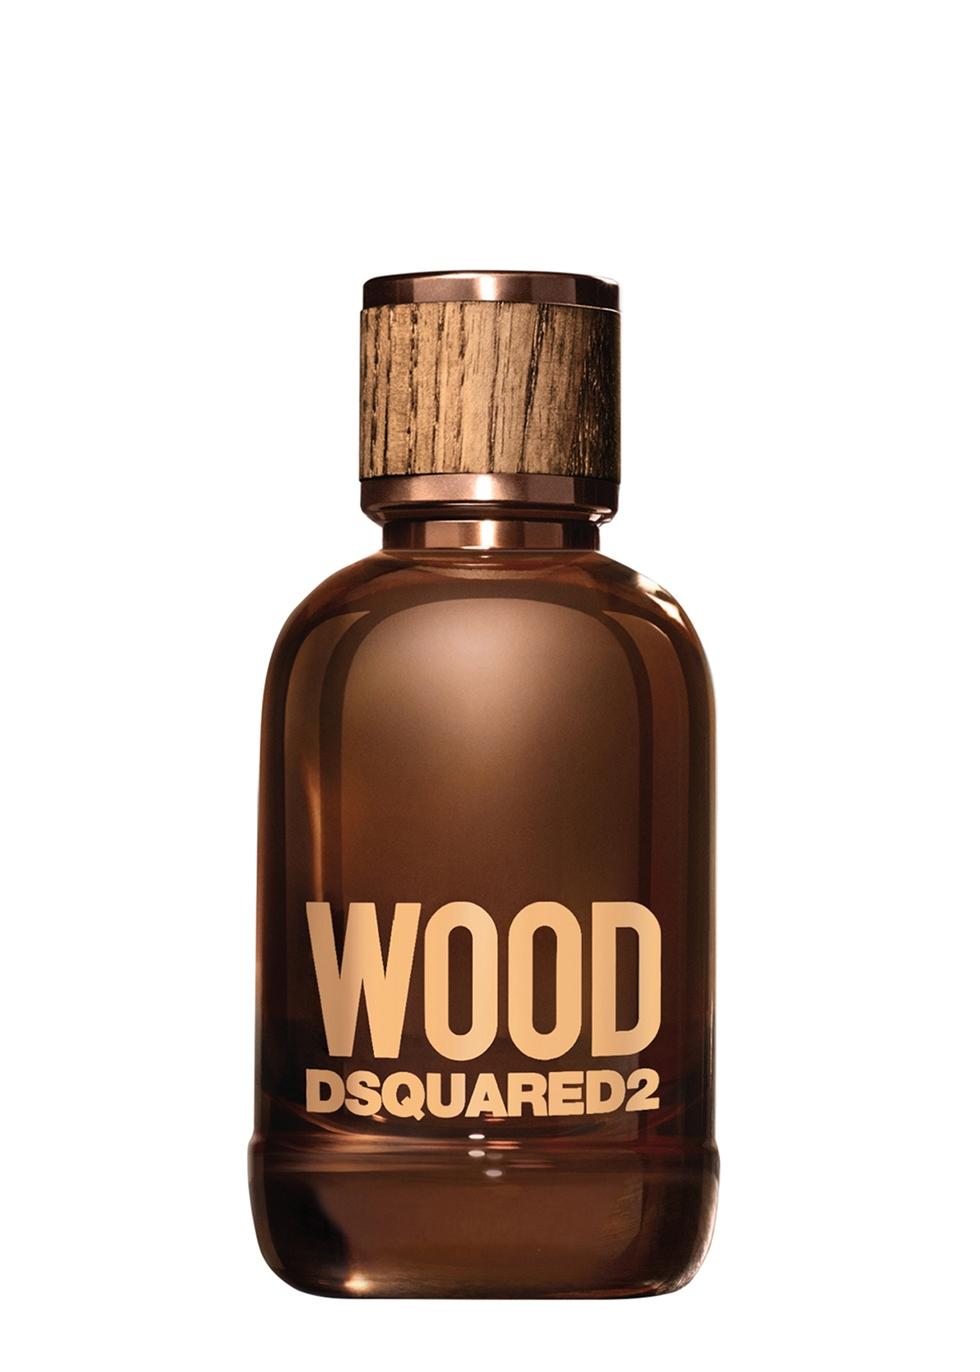 Wood Pour Homme Eau De Toilette 50ml - Dsquared2